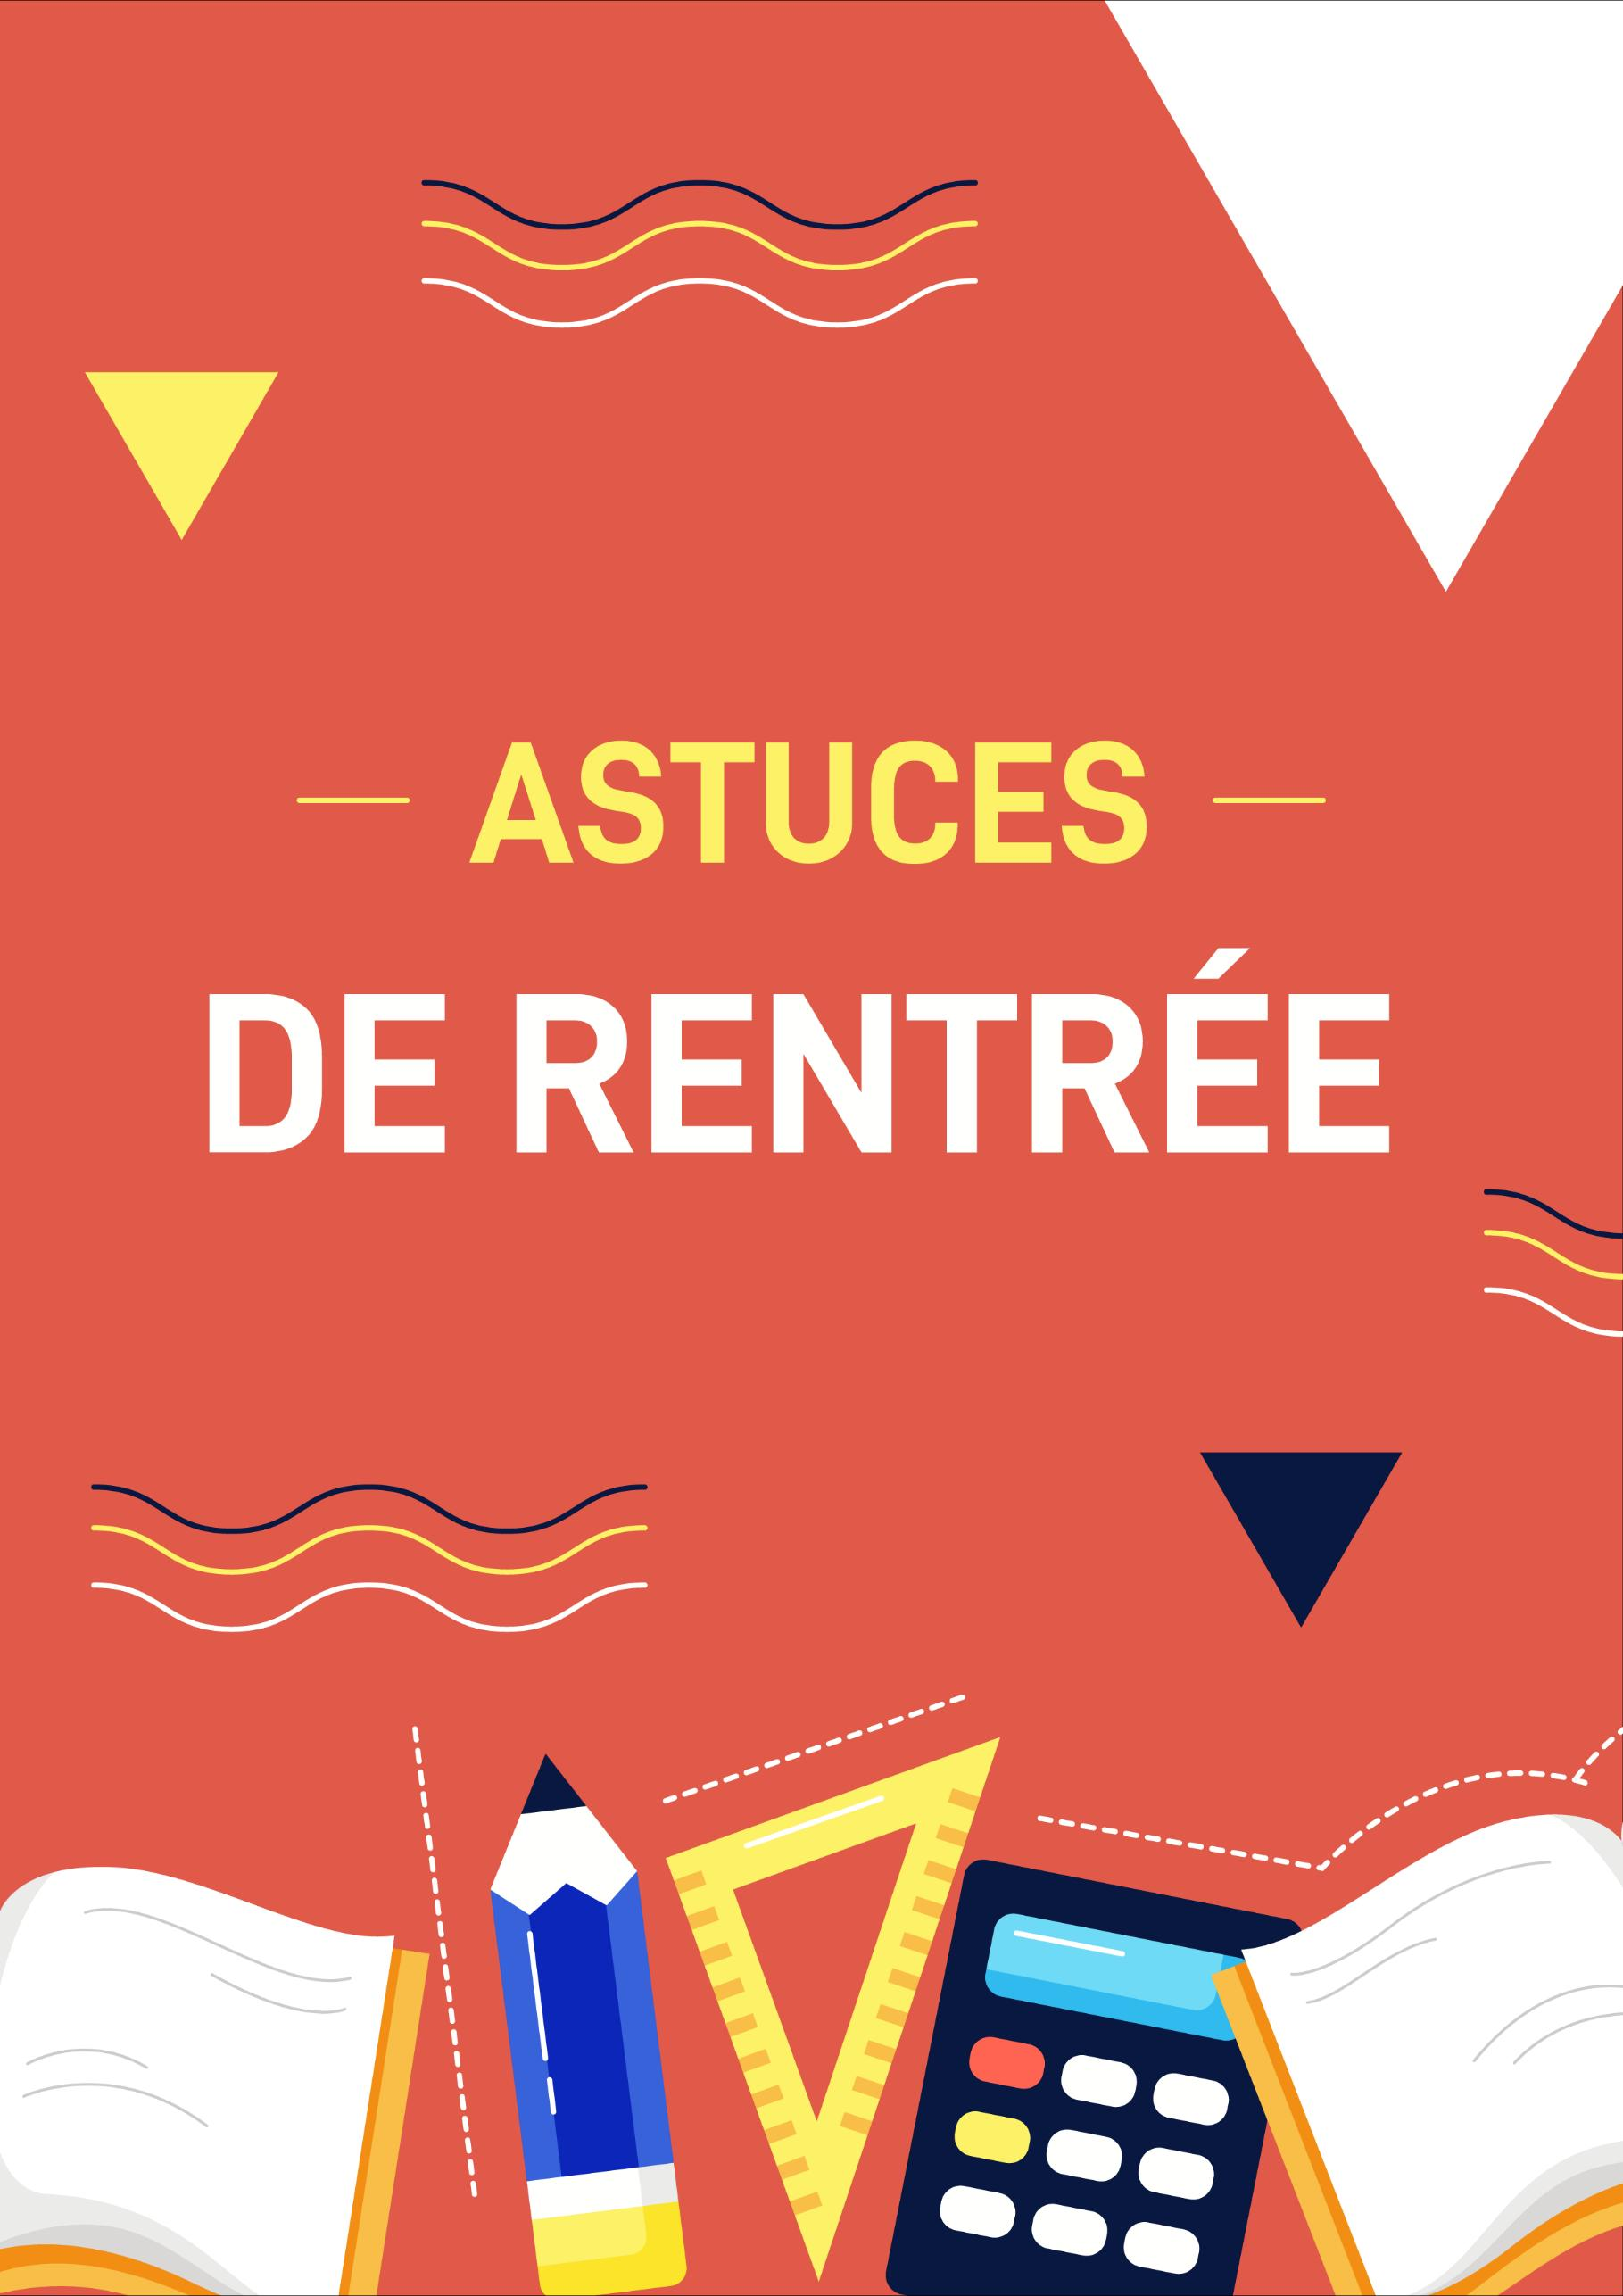 Page 38 of Astuces de rentrée